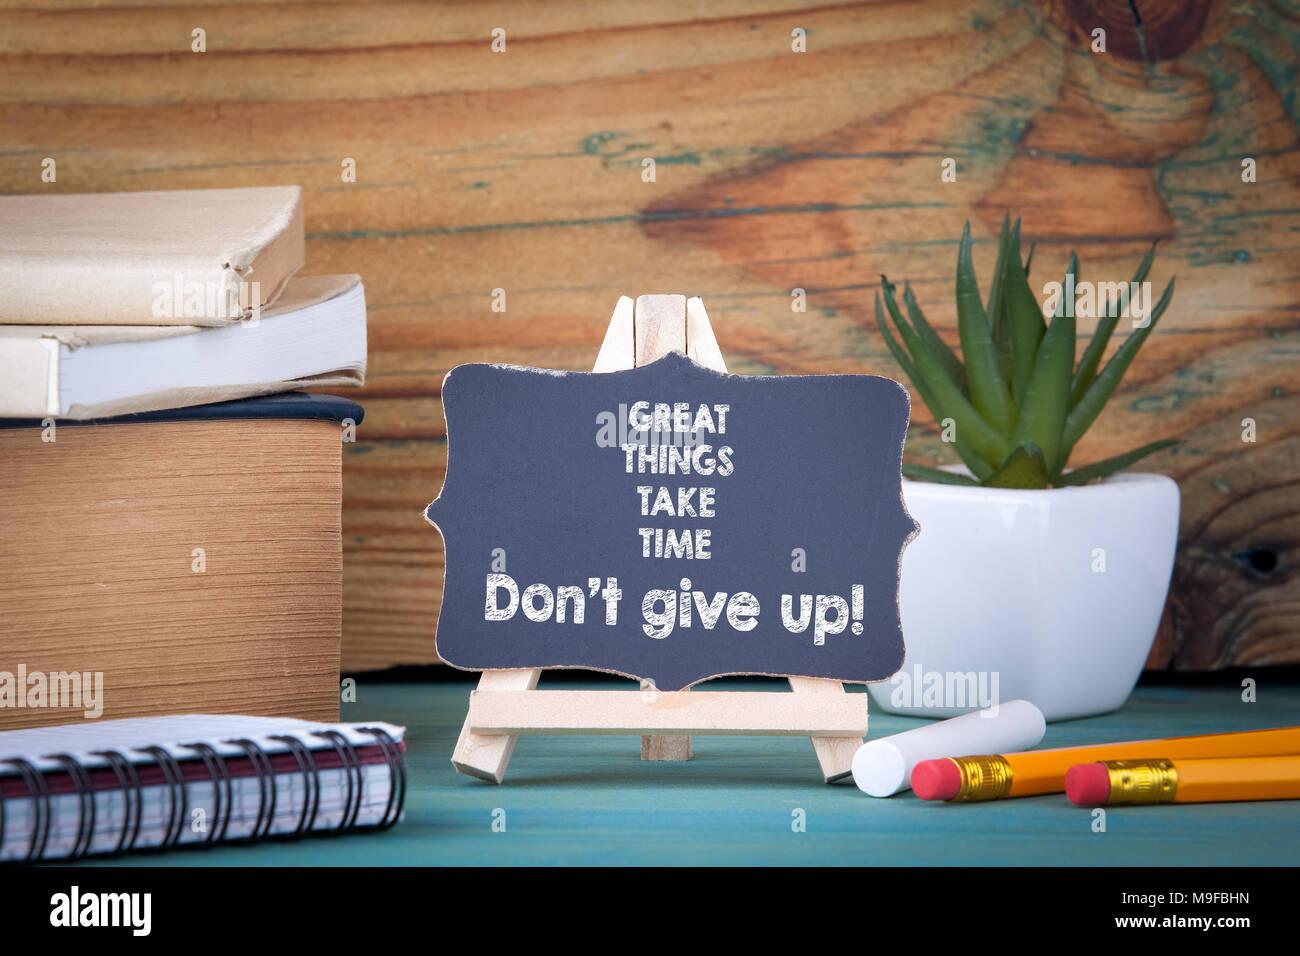 Große Dinge nehmen Sie sich Zeit, geben Sie nicht auf. Stockbild